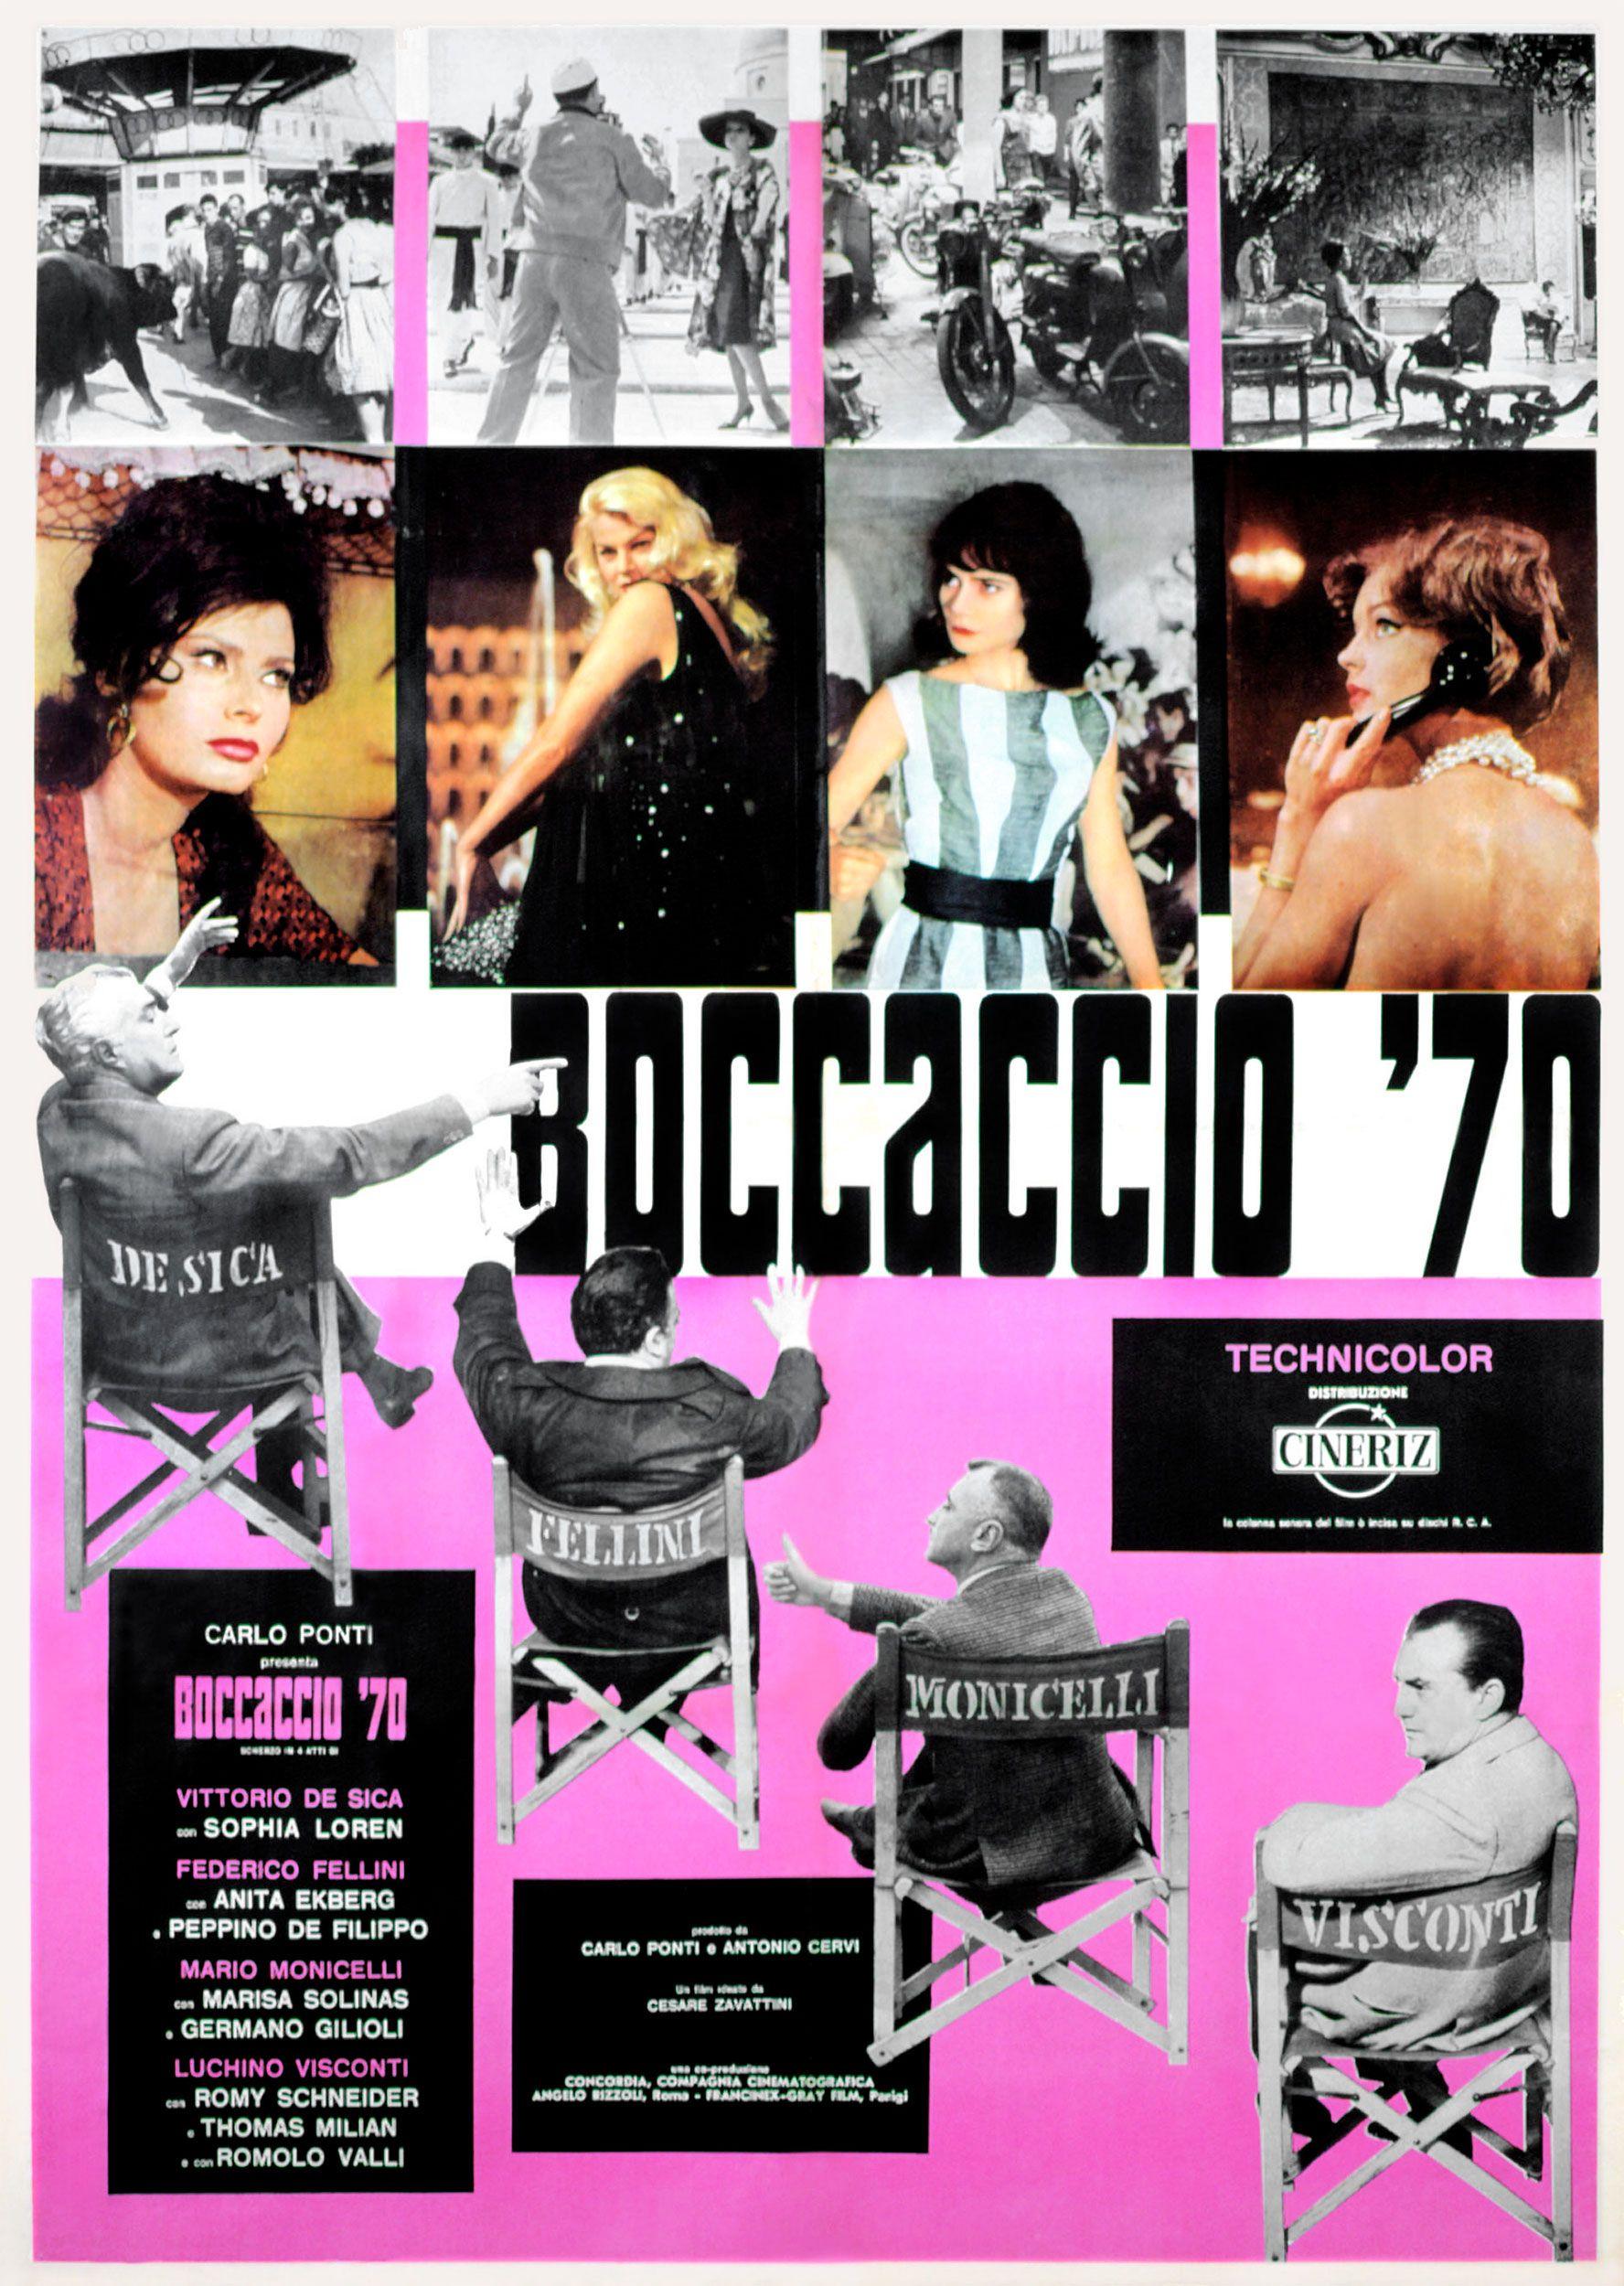 La locandina del film Boccaccio 70